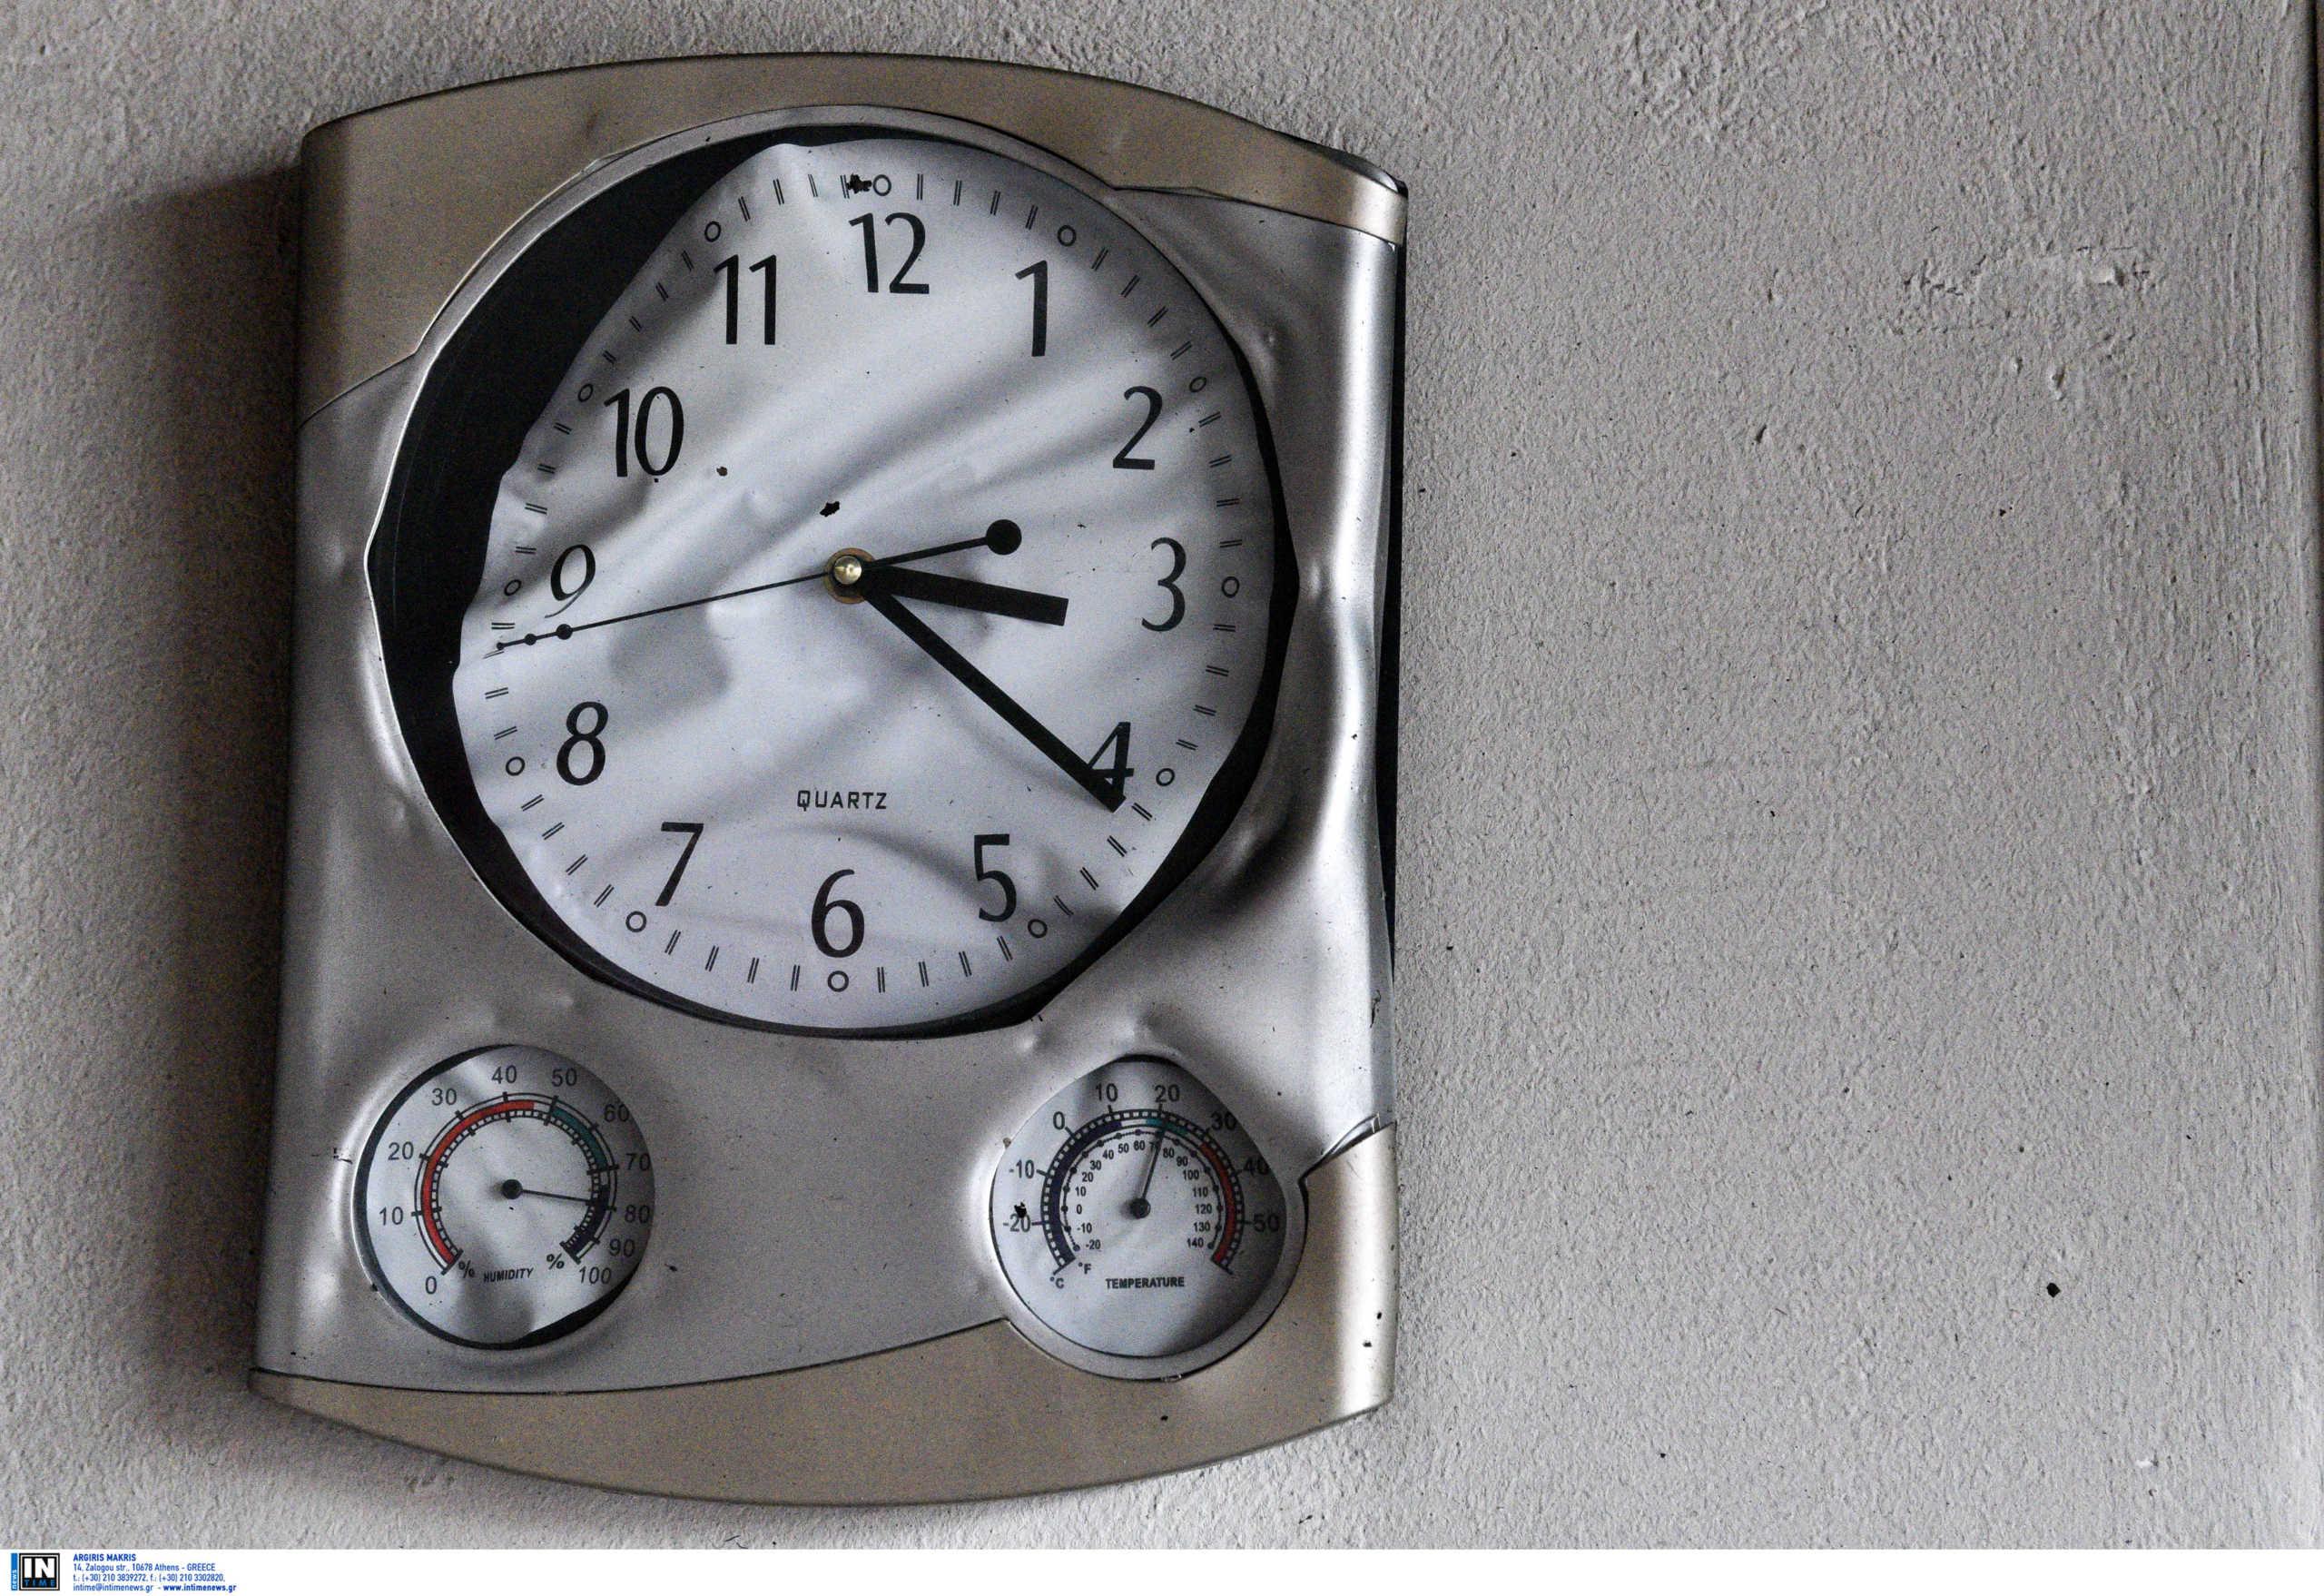 Μικραίνει το 24ωρο! Το 2021 θα κρατήσει πιο λίγο - Που οφείλεται το  φαινόμενο